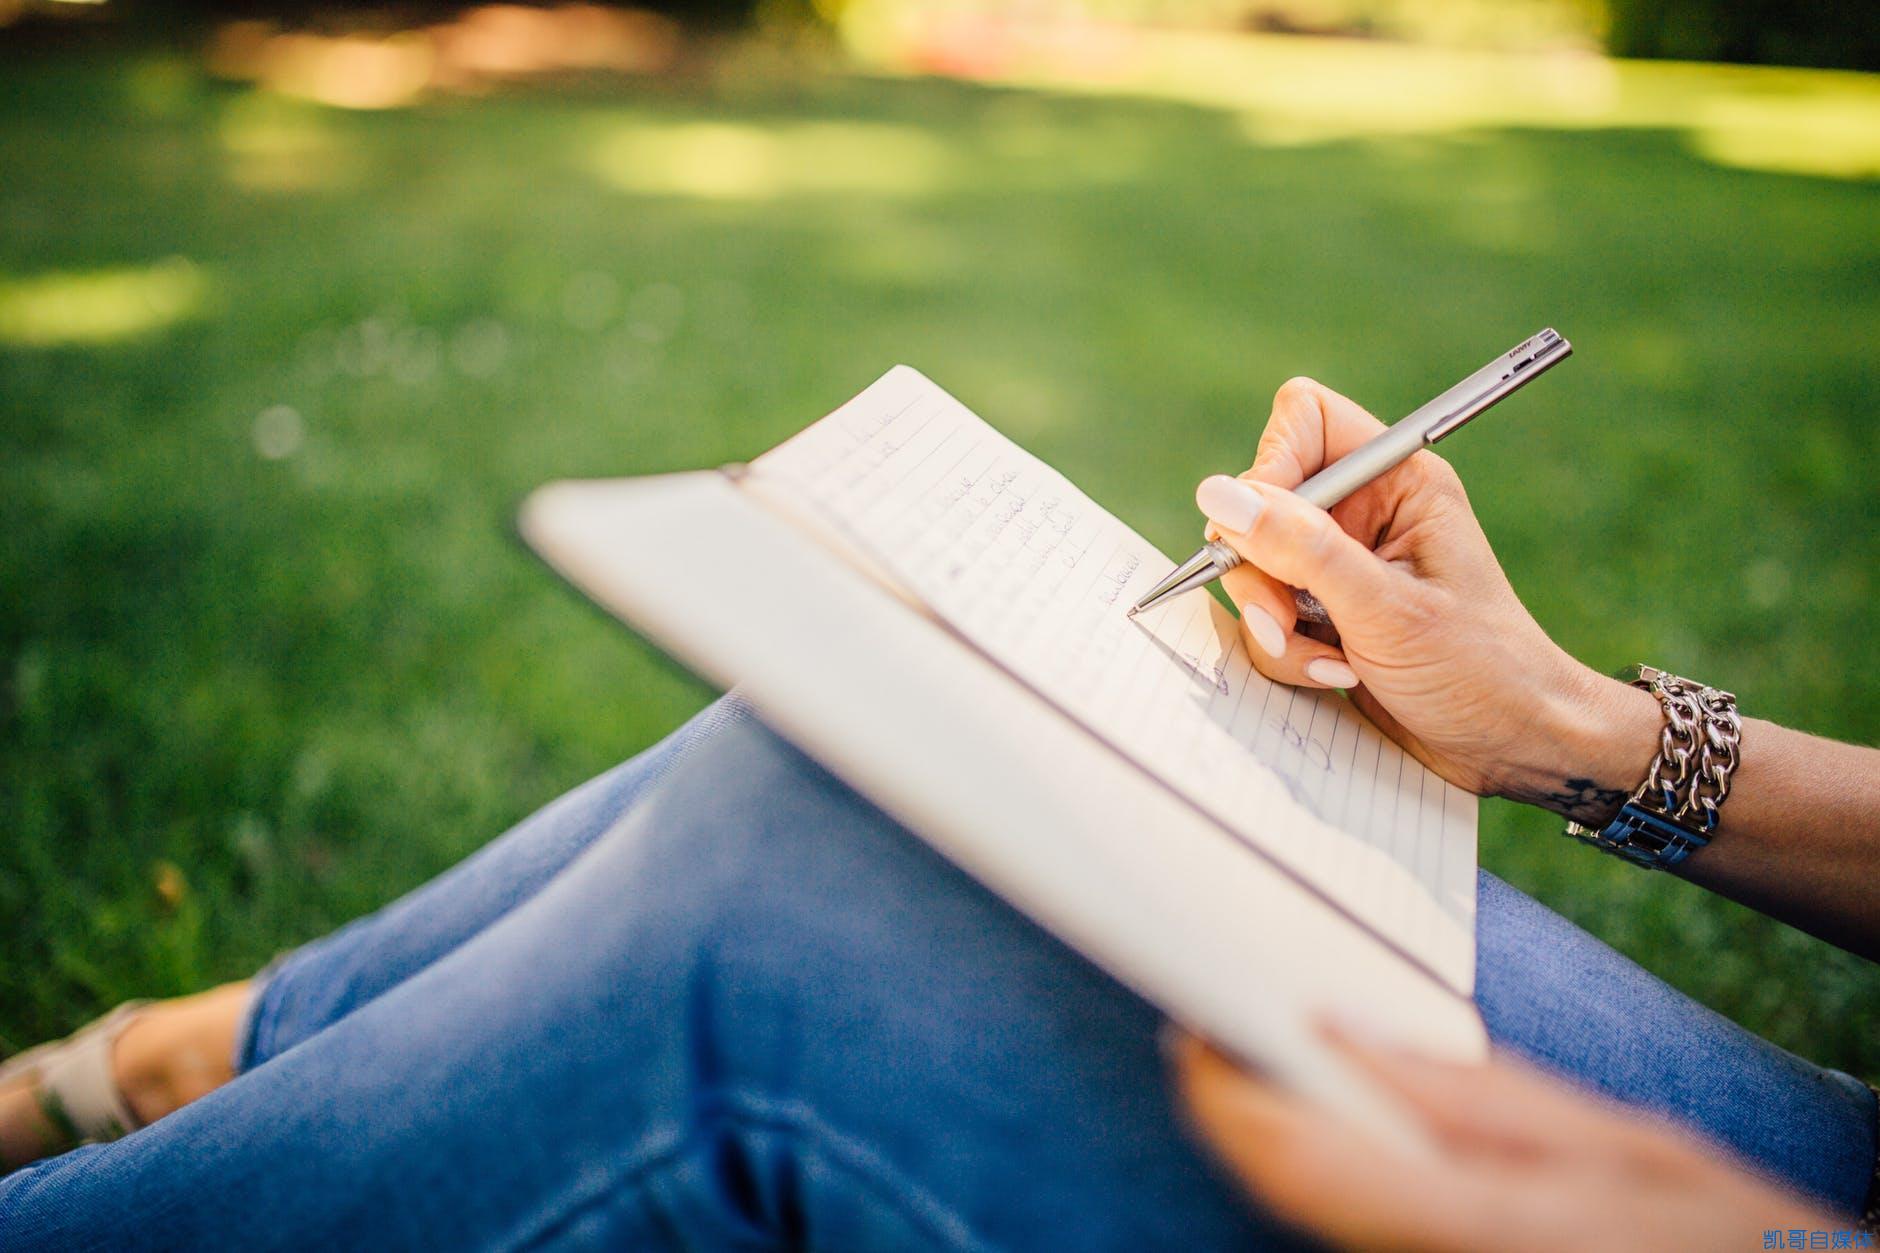 靠写作如何实现经济独立?自媒体写作的6大变现模式,你值得拥有